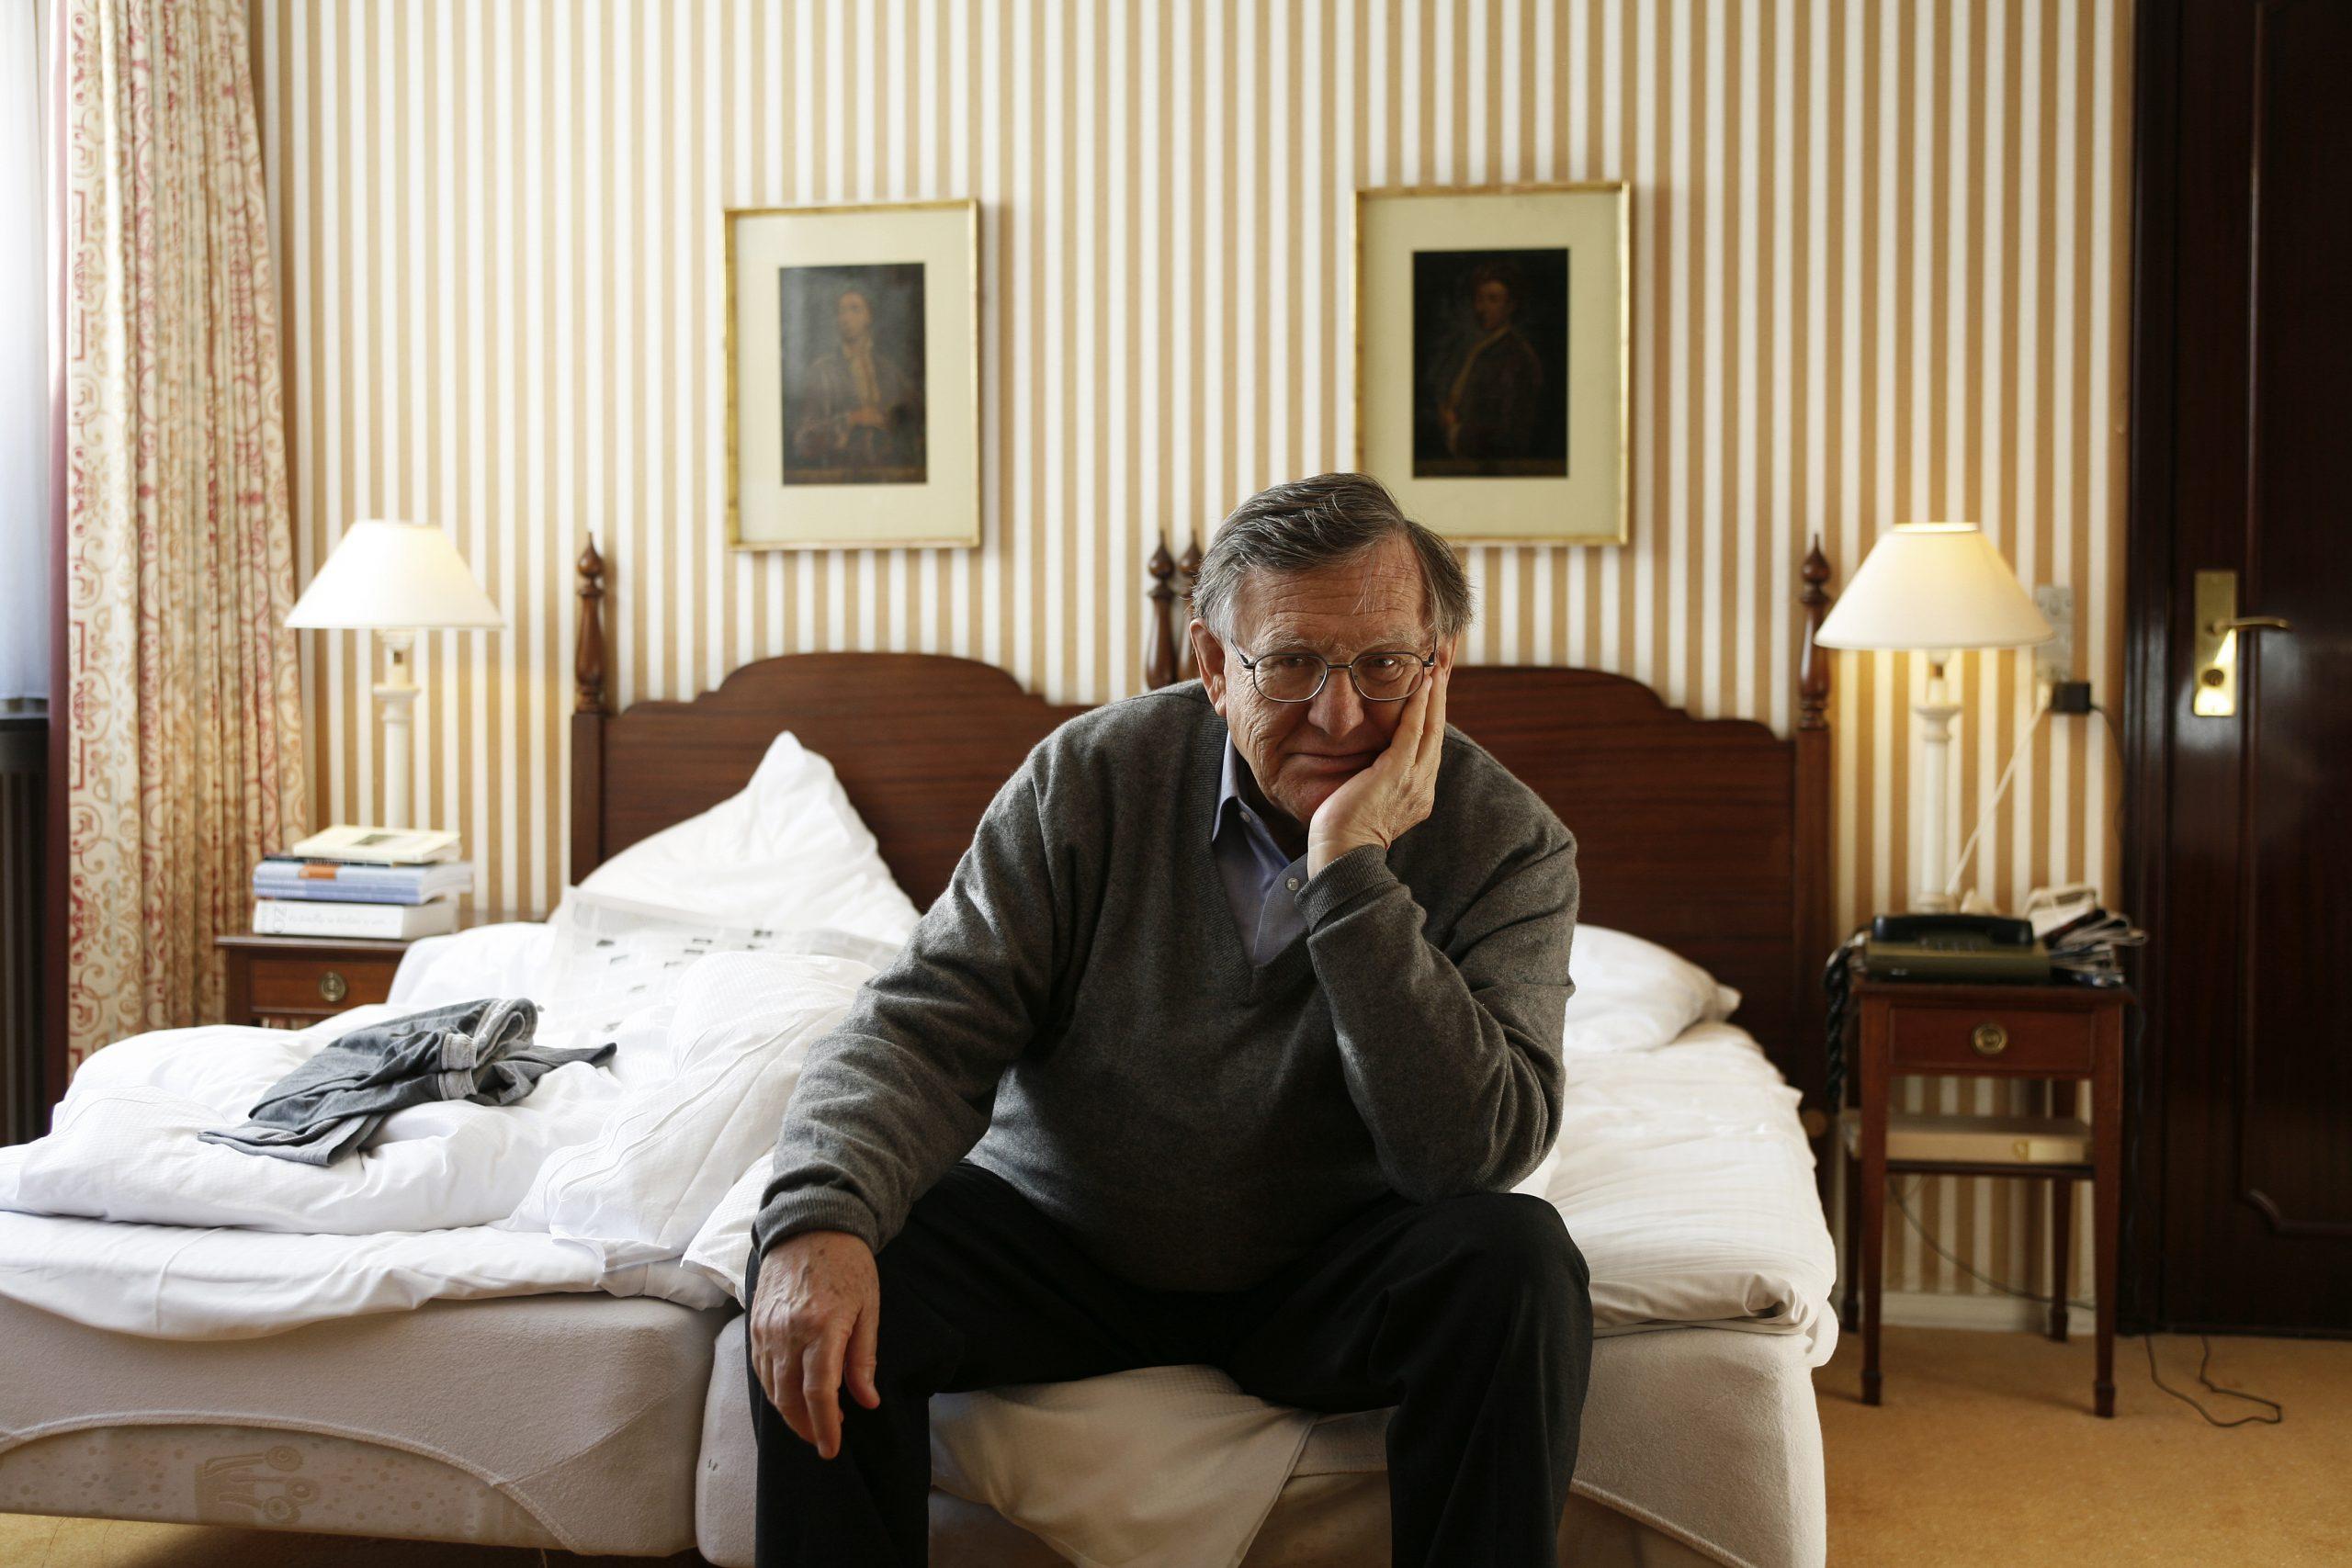 Herbert Pundik i sit elskede værelse 509 på Hotel Kong Frederik i København. Hotellet fik sat en brevsprække i værelsesdøren til de mange beskeder og post, der kom til hotellet under hans ophold. Fotoet er fra 1994, foto: JJ Film.